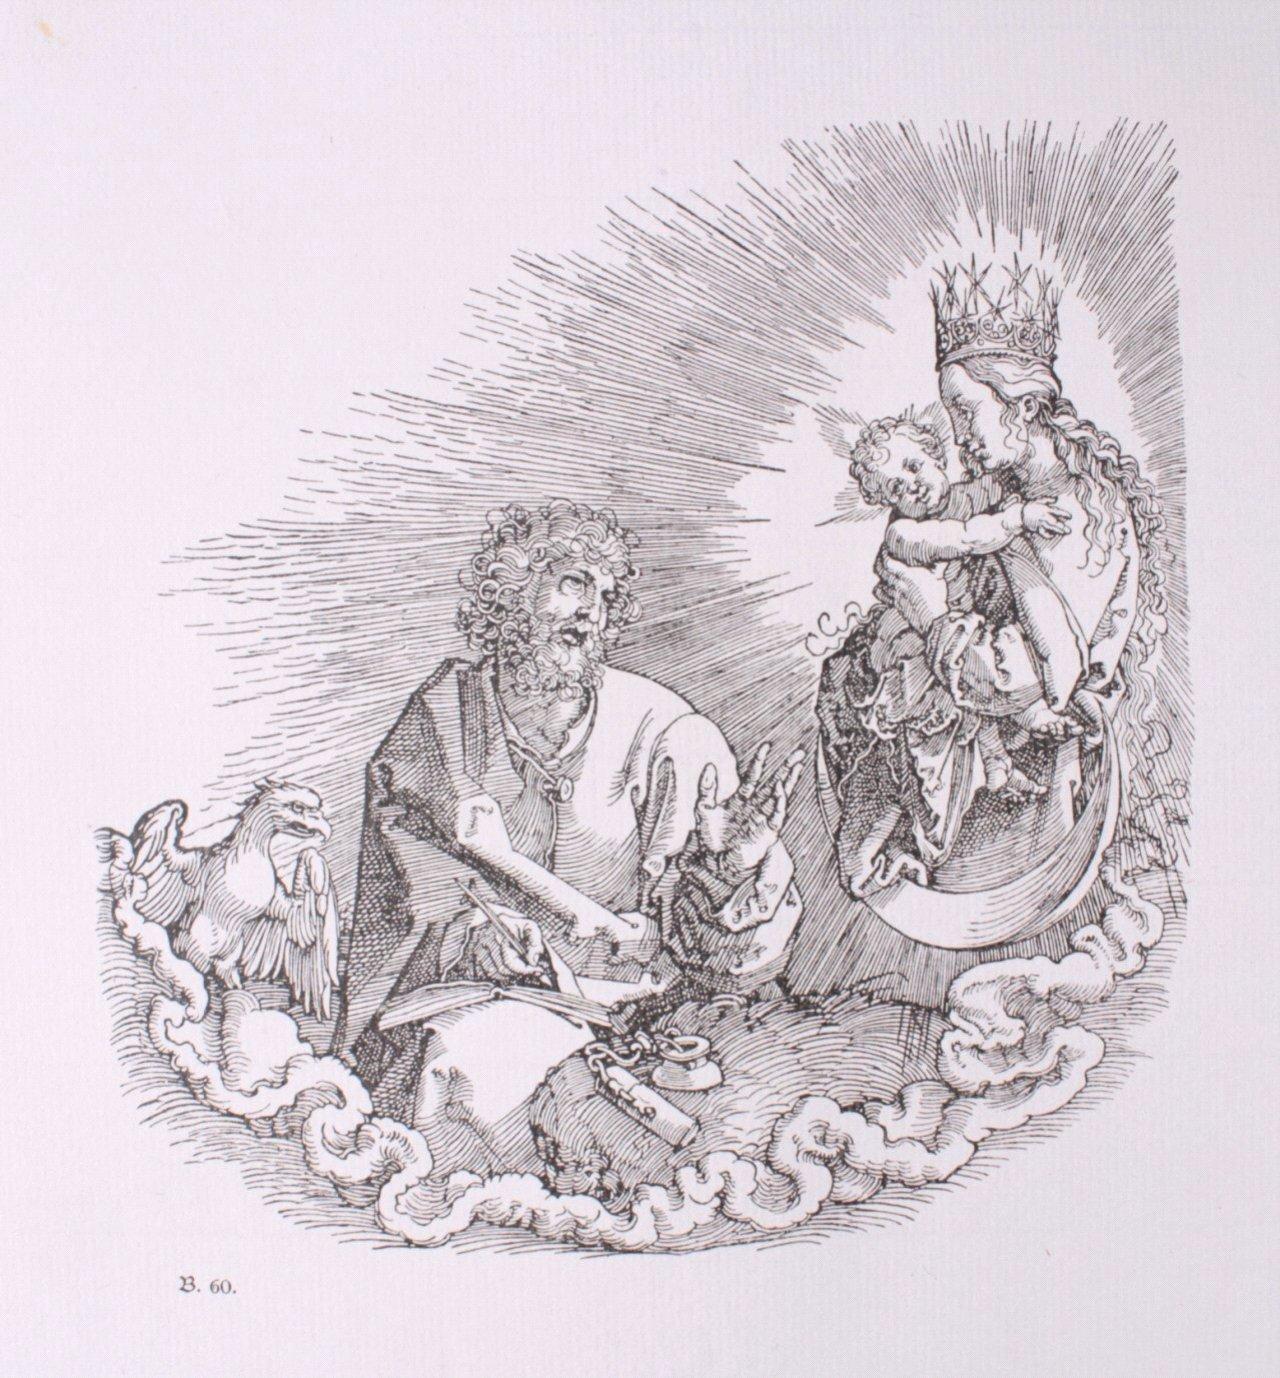 Die Offenbarung St. Johannis von Albrecht Dürer-1